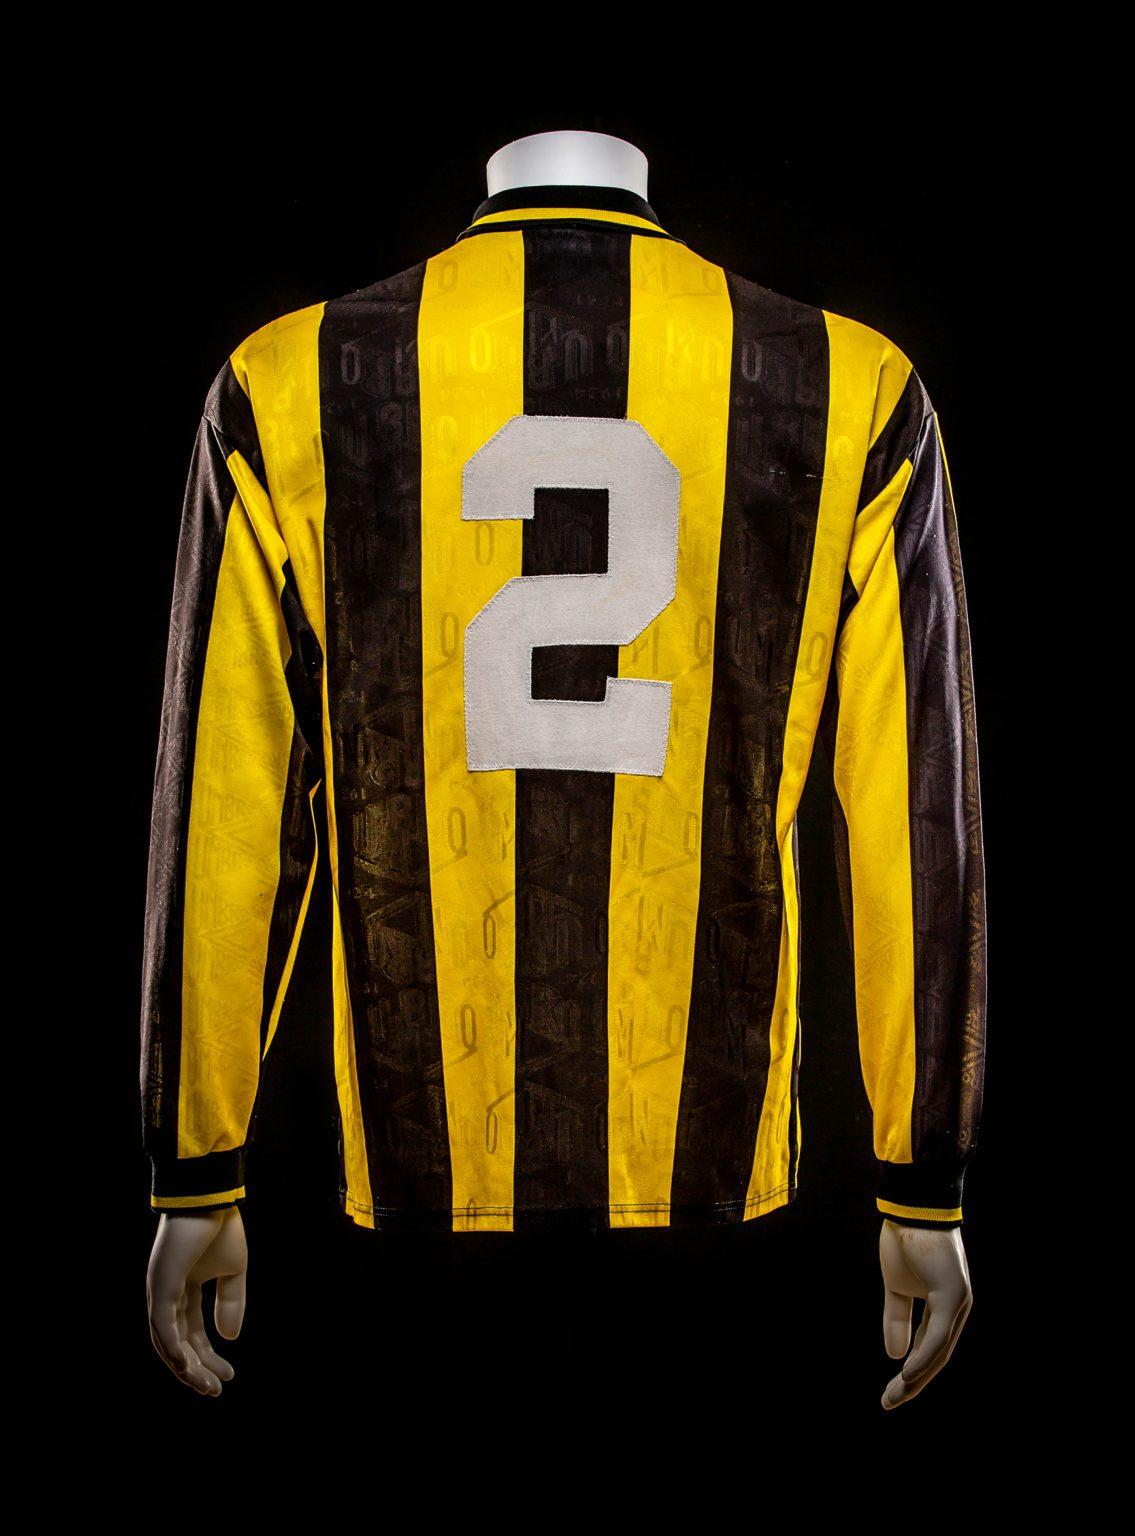 #2 Edward Sturing Vitesse 1994-1997